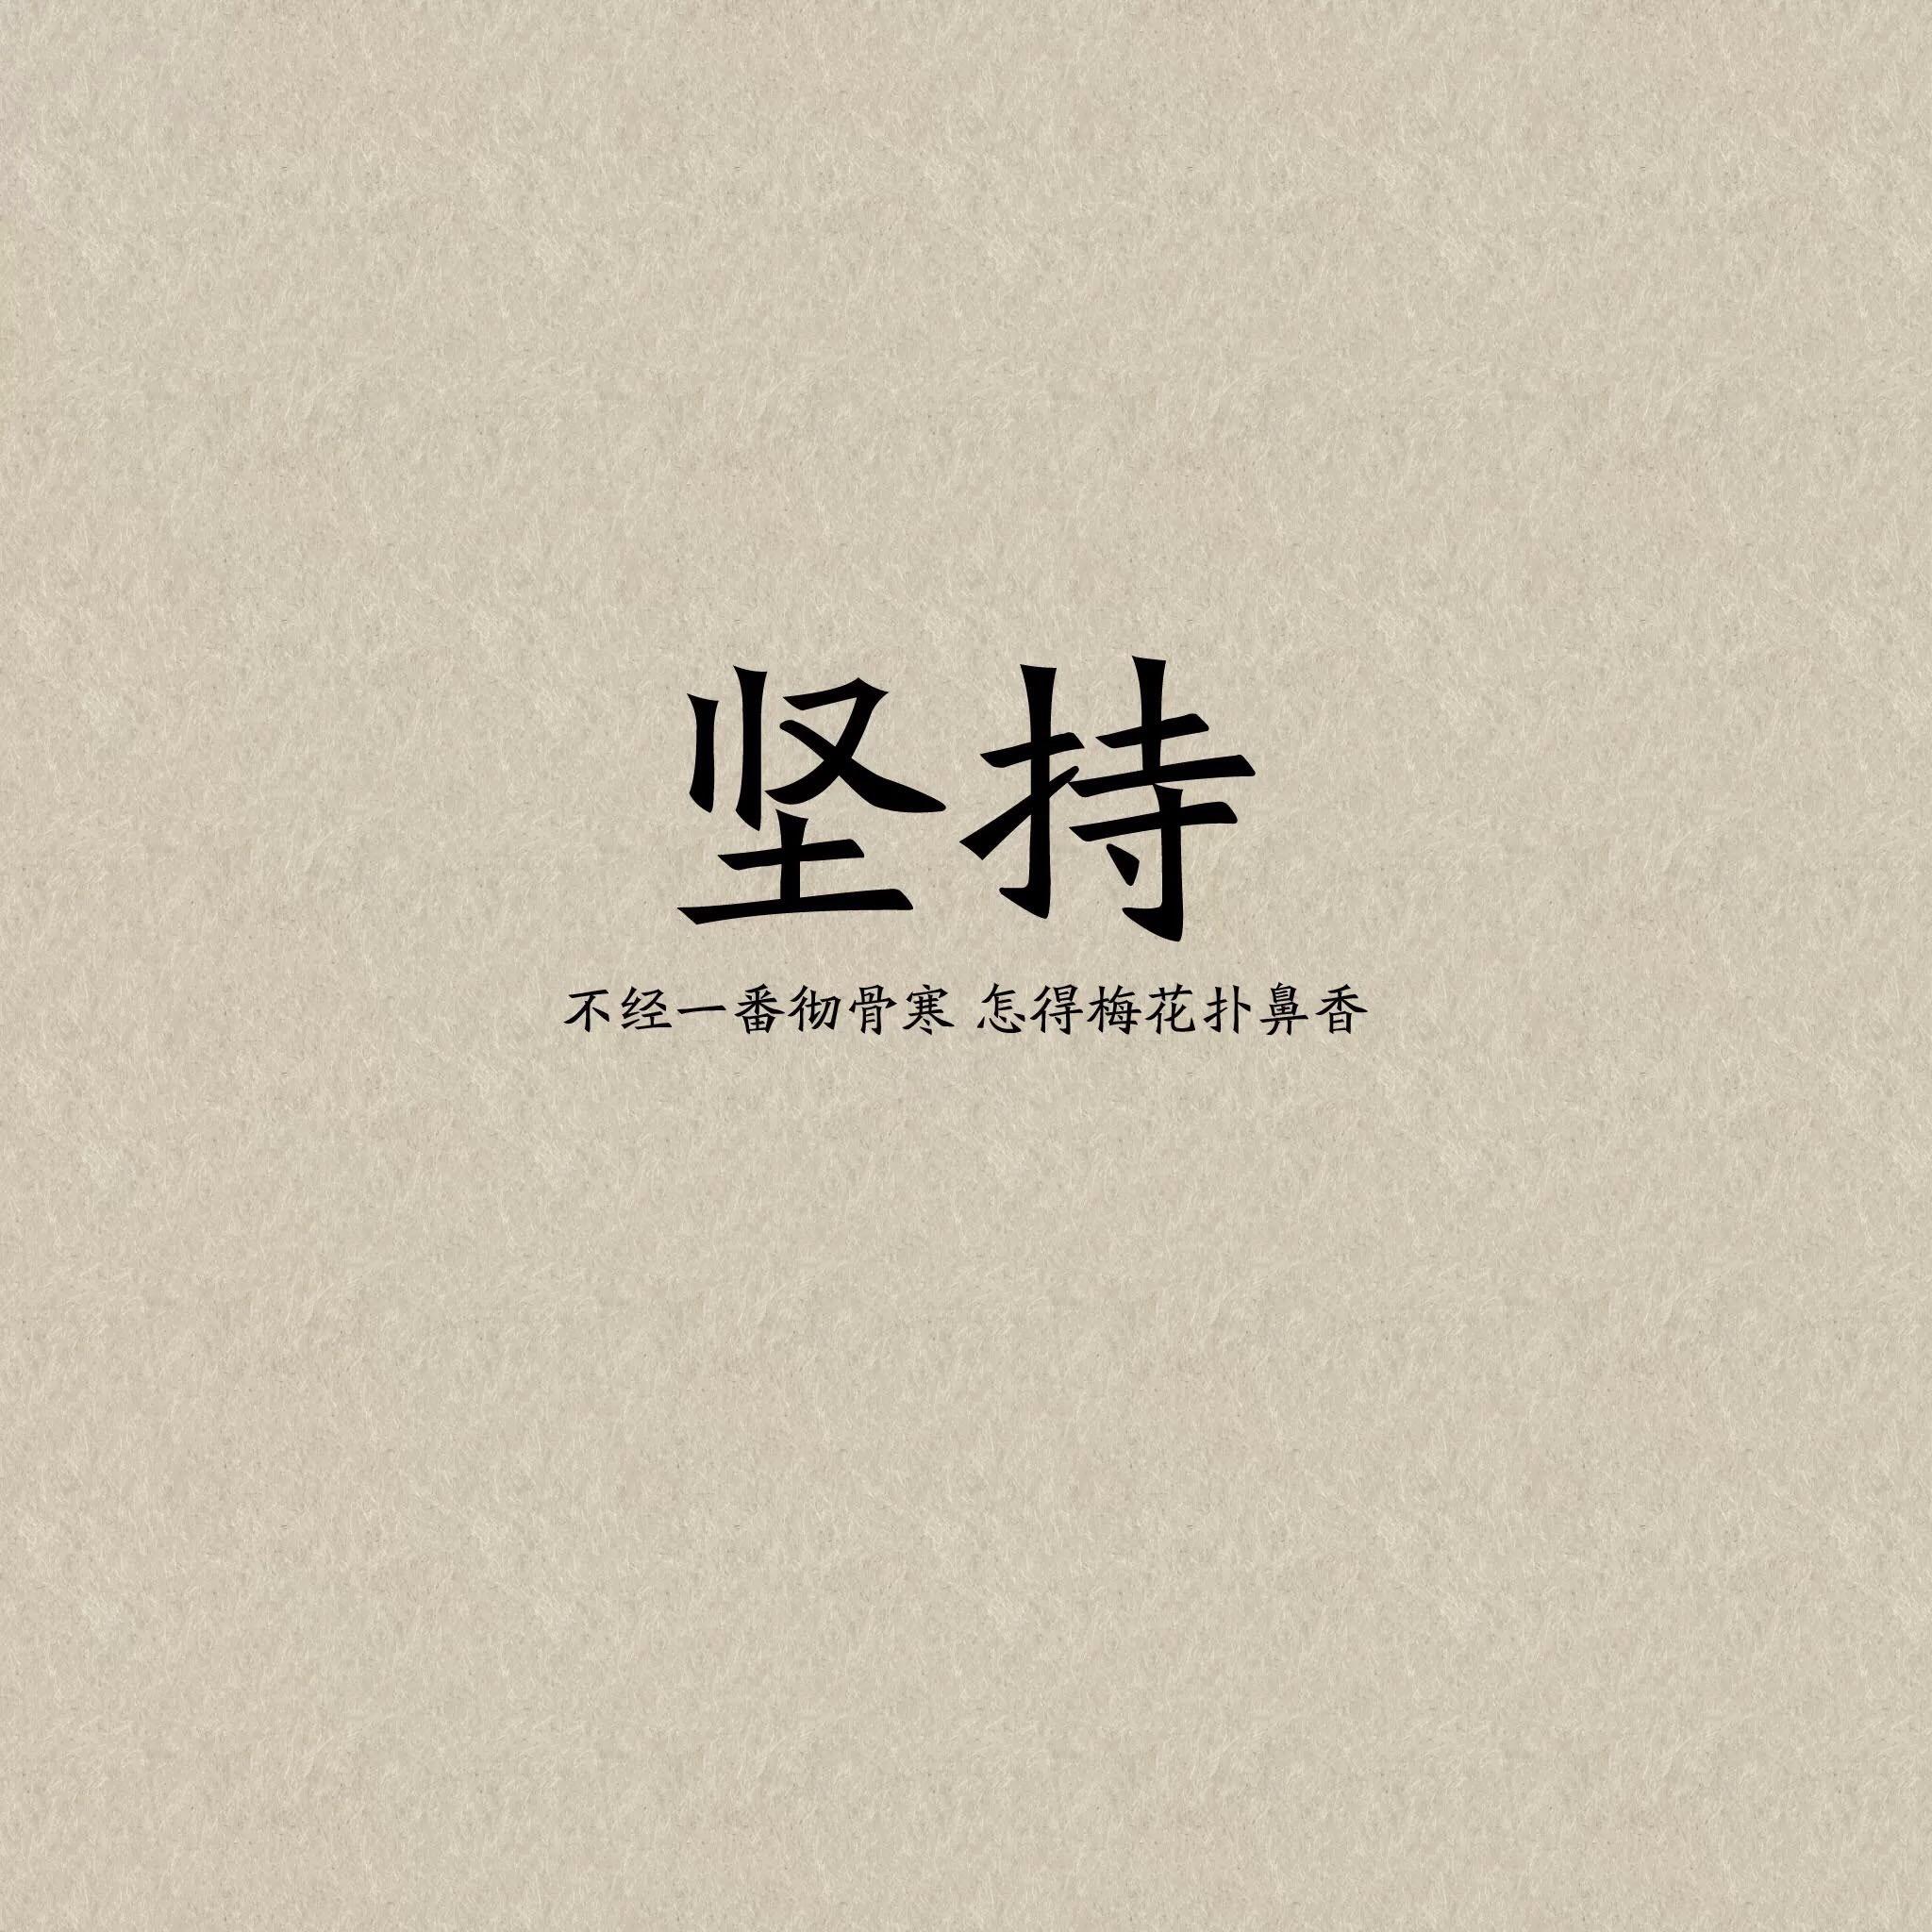 森美 服饰会员店logo